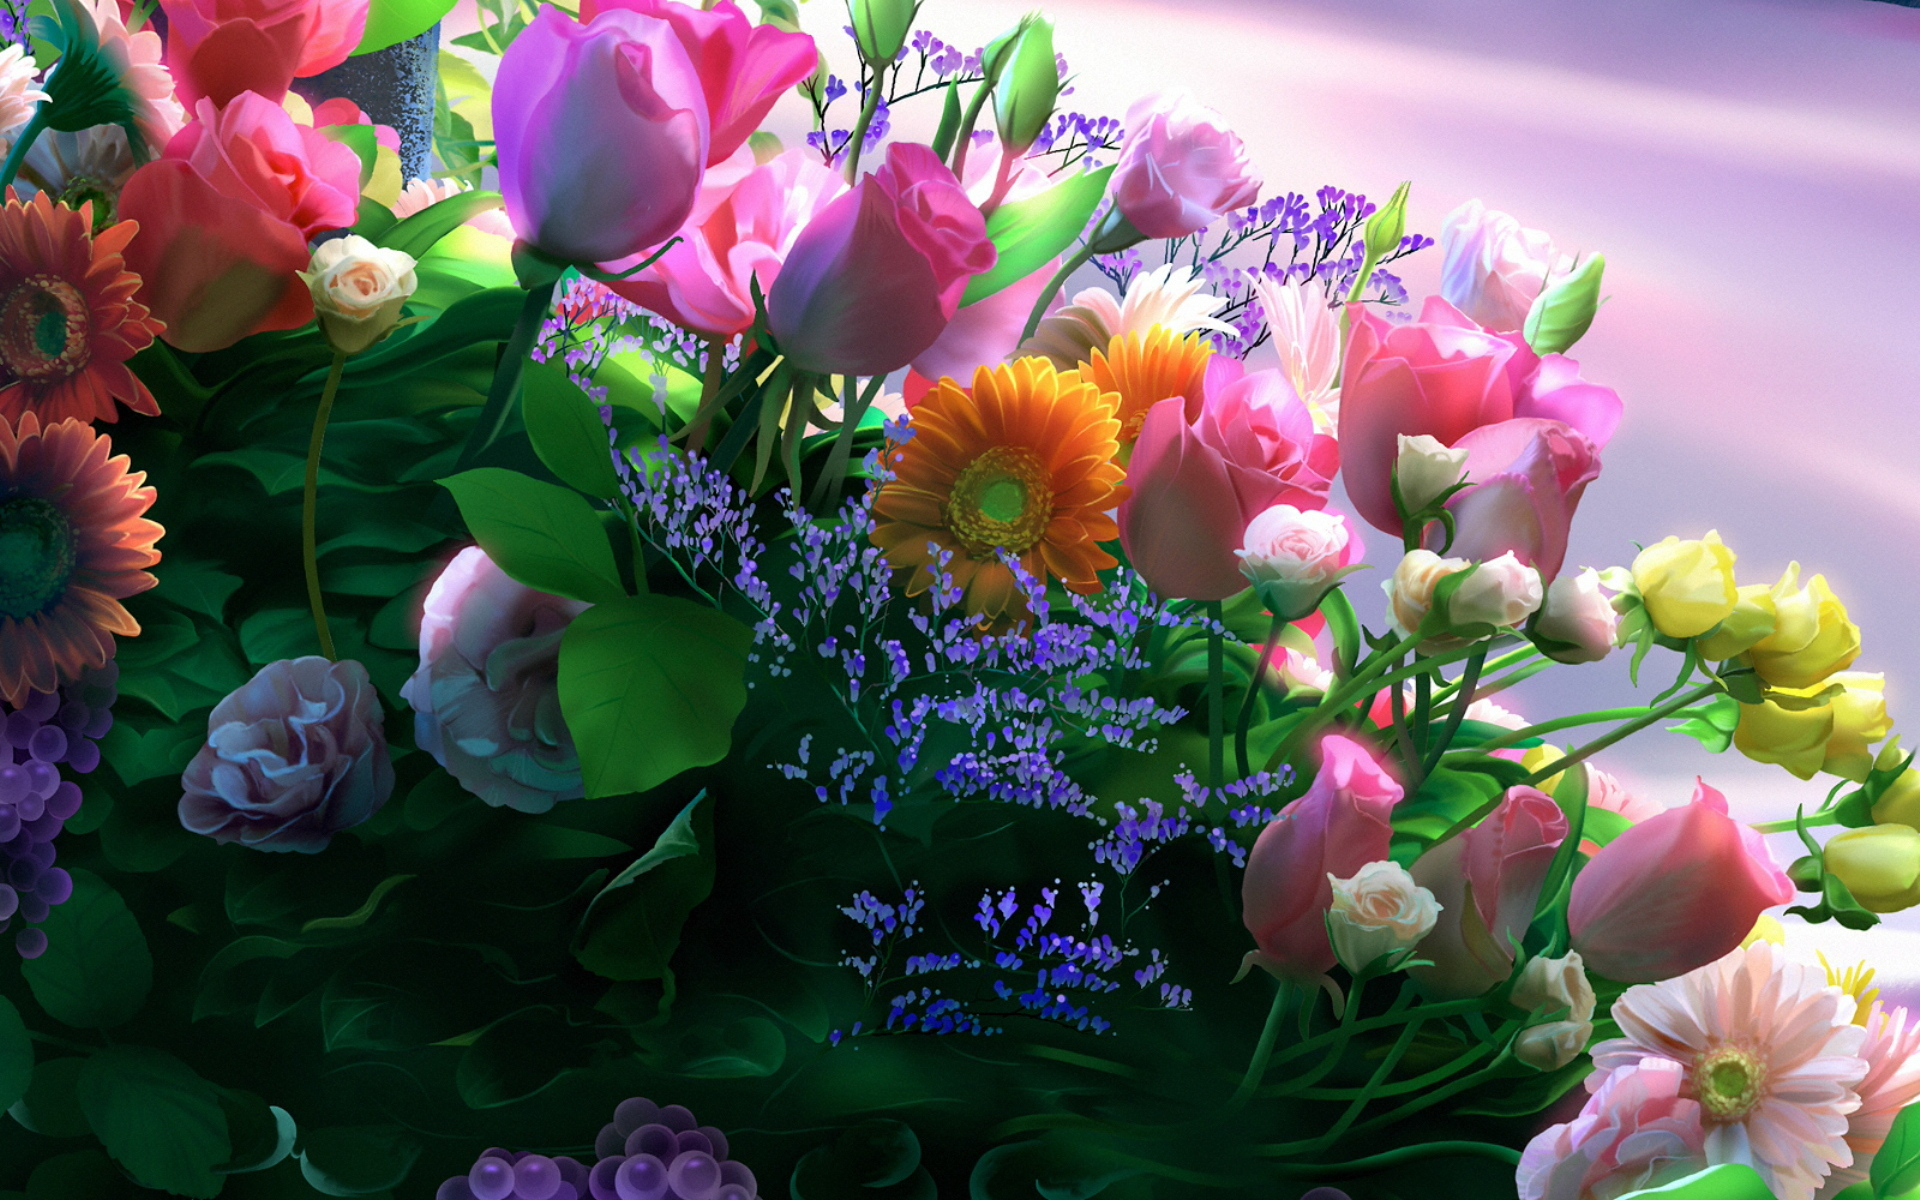 картинки цветов с праздником этот сейф